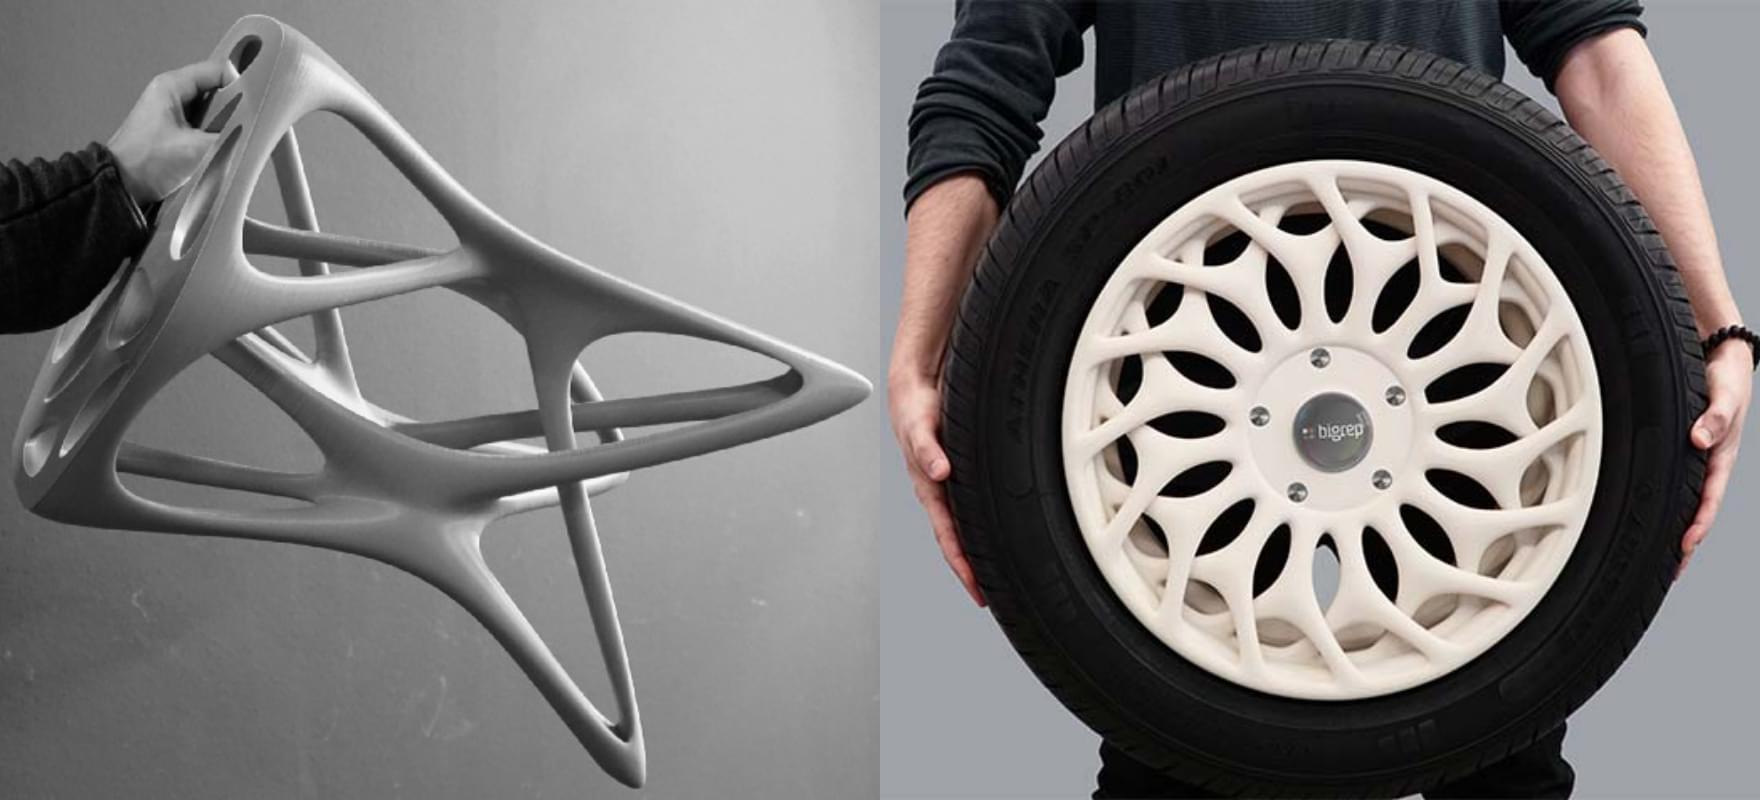 1m×1m×1mの大型サイズ造形や長繊維カーボン入りの造形が可能